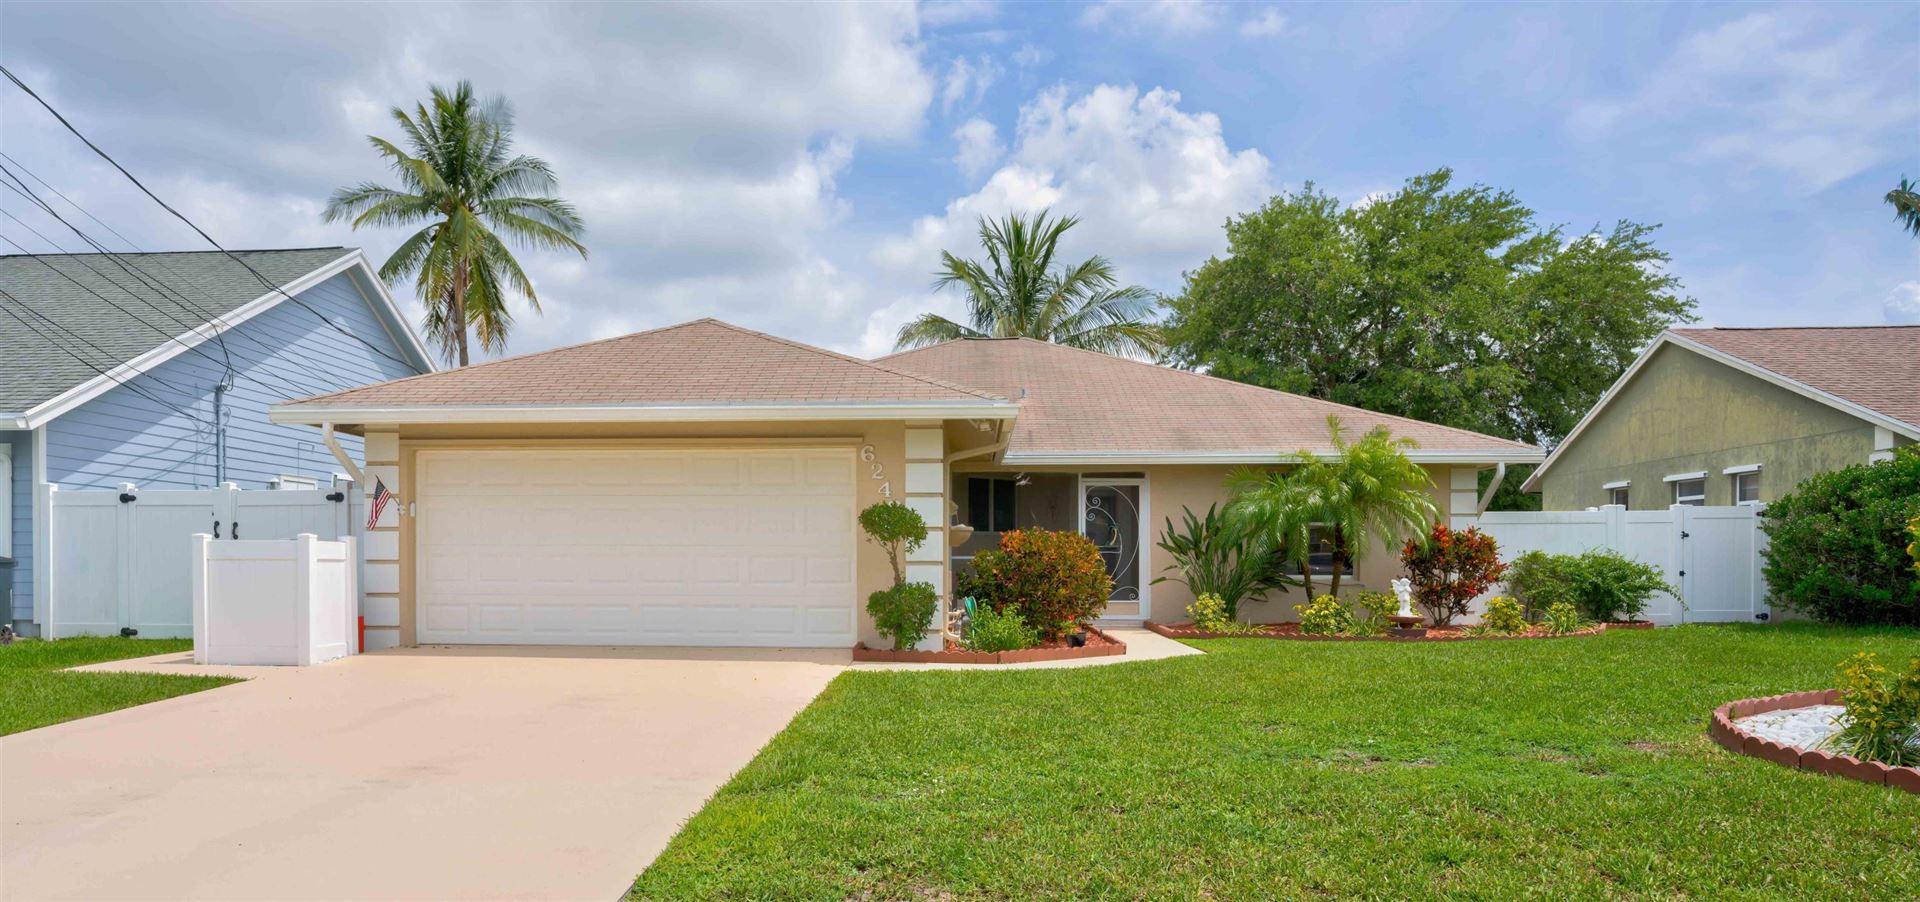 6248 Robinson Street, Jupiter, FL 33458 - #: RX-10722840